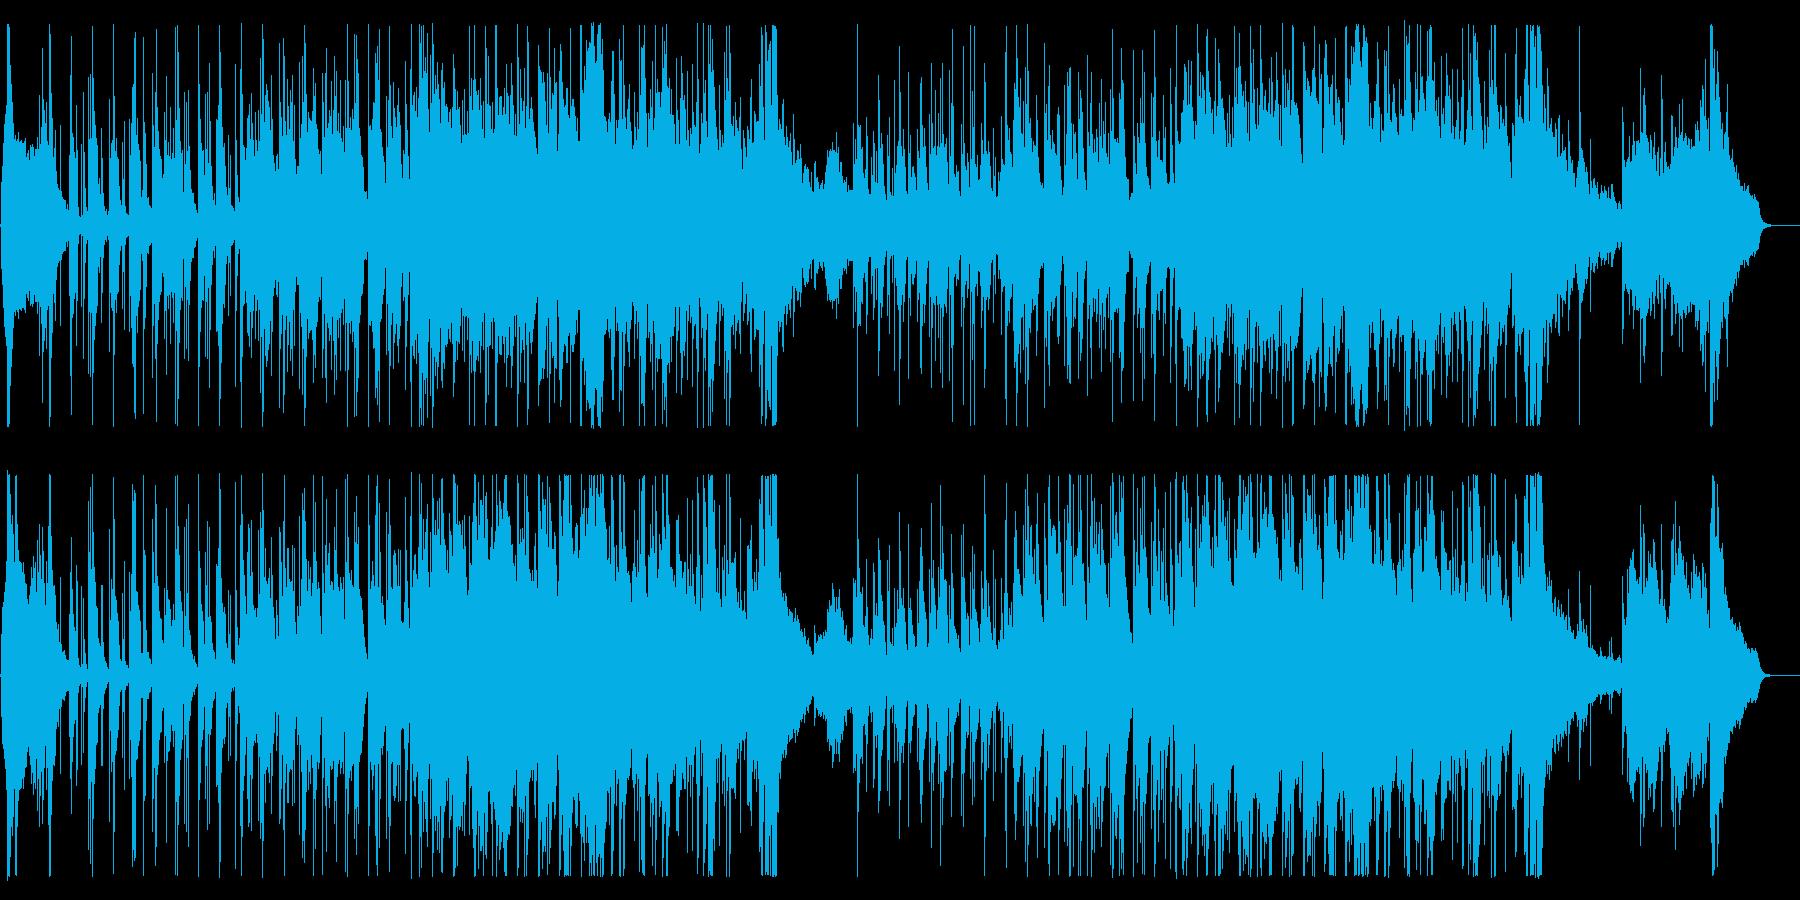 和楽器によるオリエンタルな楽曲の再生済みの波形